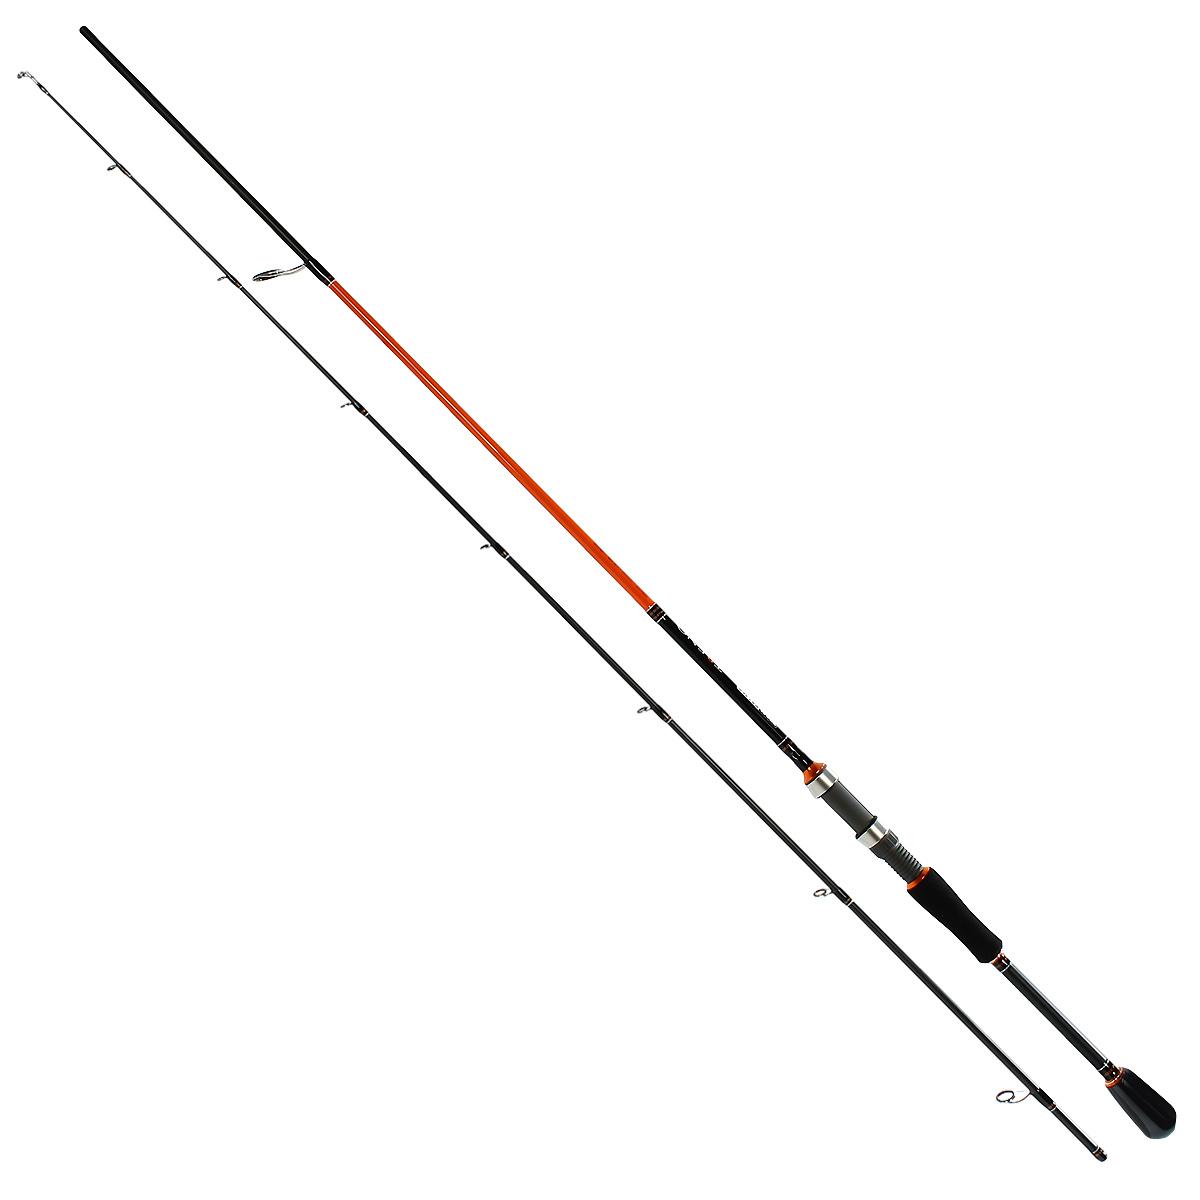 Удилище спиннинговое Team Salmo TRENO, 2,31 м, 7-24 гTSTR5-762FСерия спиннингов TRENO разработана специально для ловли хищной рыбы твичингом и на джиг-приманки. Бланки этой серии изготовлены из усовершенствованного высокомодульного графита 40T, обеспечивающего максимальную прочность, а также высокую чувствительность по всему заявленному тестовому диапазону. Строй бланков быстрый и экстра быстрый. Бланк в основании достаточно толстый, что дает преимущества не только при вываживании крупной рыбы, но и при рывковой проводке воблеров. Несмотря на относительно небольшую длину, спиннинги TRENO обладают отличными бросковыми характеристиками. Спиннинги укомплектованы пропускными кольцами Fuji K-guide со вставками SIC. Наклоненные колечки на вершинке - раннинги и противозахлестный тюльпан, не позволят запутаться за них в сильный ветер даже мягкому PE шнуру. В элегантной и практичной разнесенной рукоятке, из прочного материала EVA, установлен катушкодержатель VSS от Fuji с задней гайкой крепления. Материал ручек жесткий и приятный на ощупь.